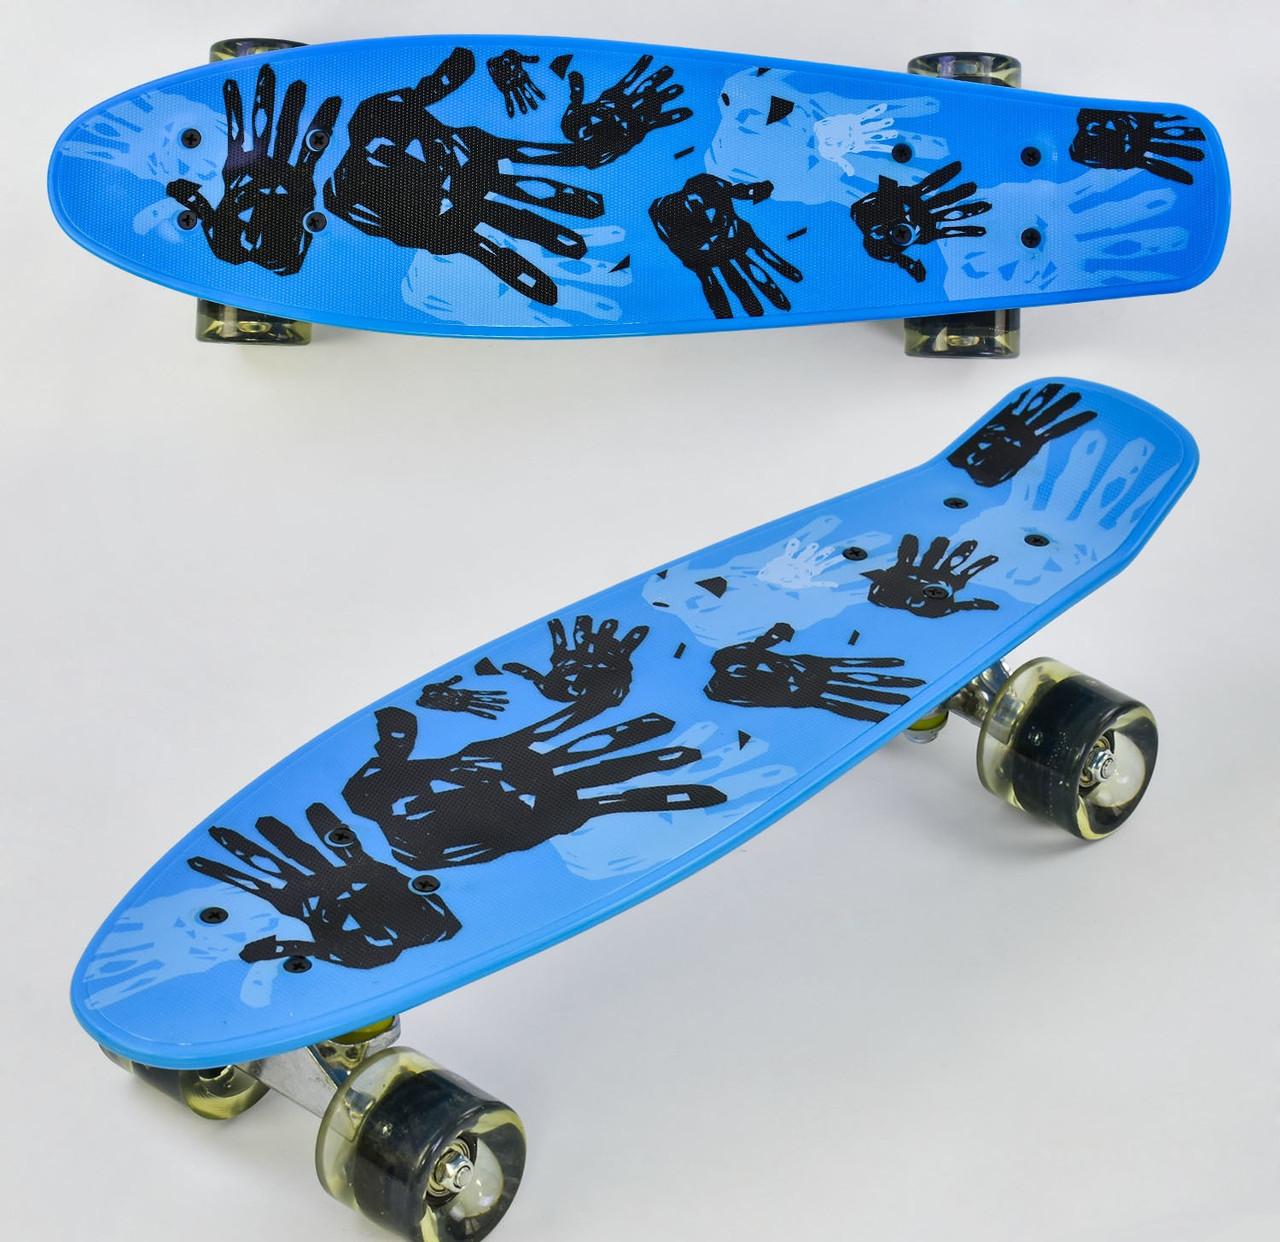 Скейт Best Board Р 10960 колеса з підсвічуванням, дошка 55 см навантаження до 80 кг, блакитний